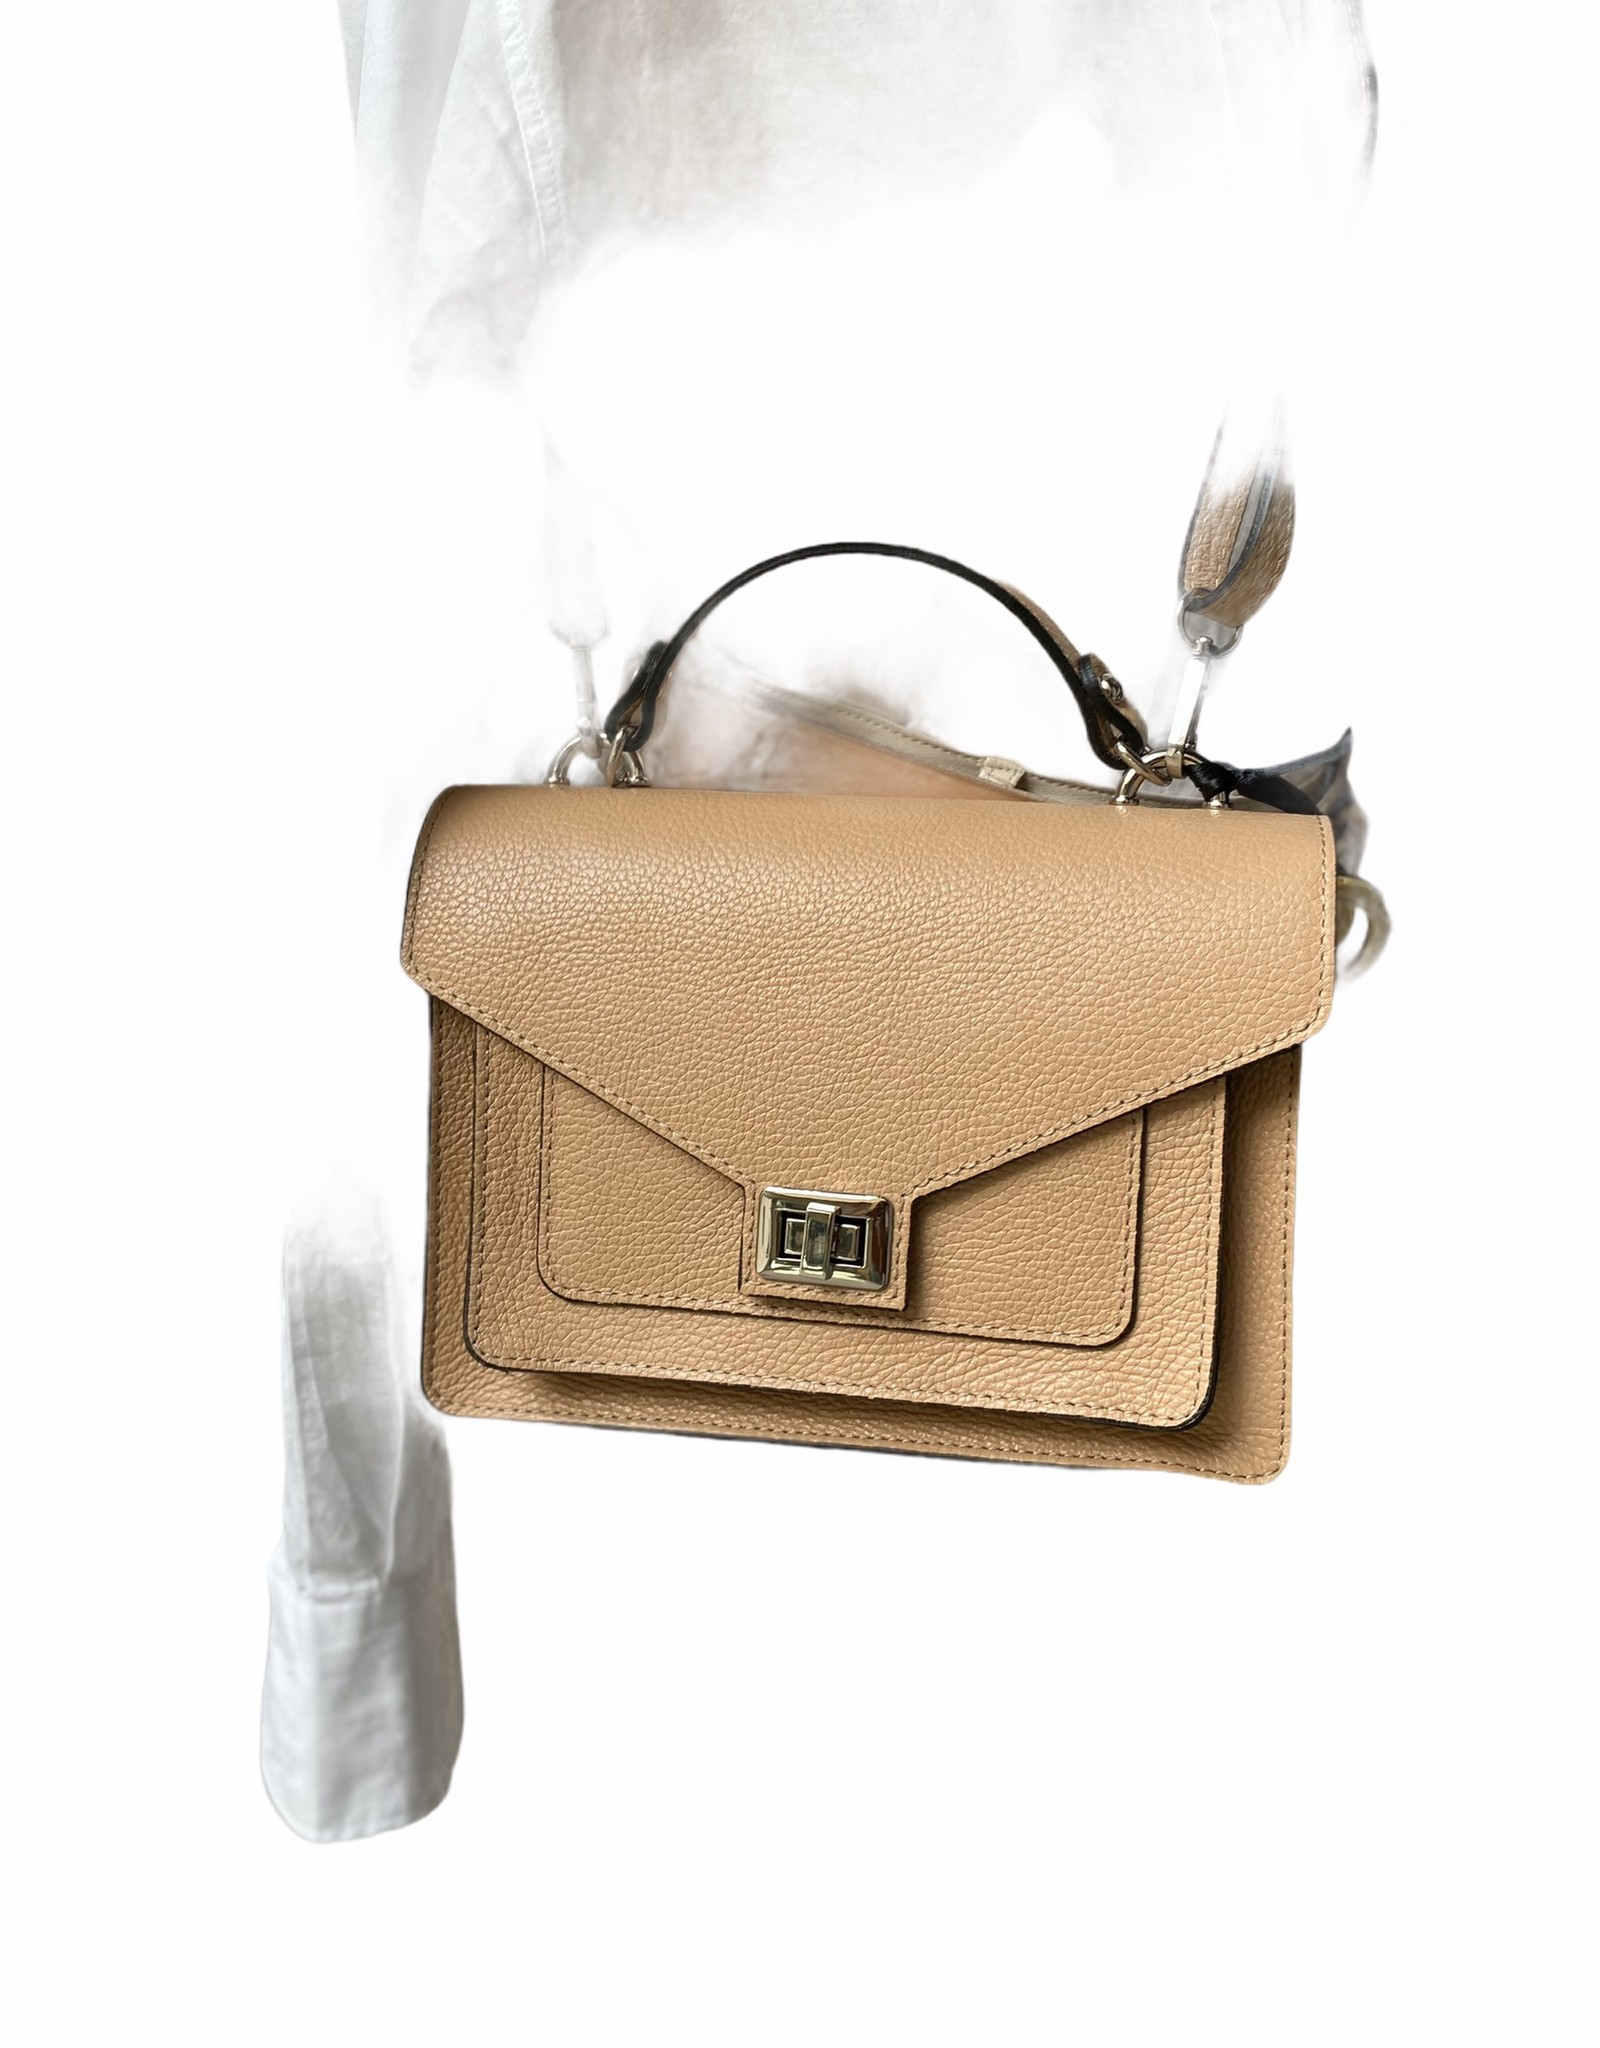 Lederen klassiek tasje met handvat en lange schouderriem in nude kleur